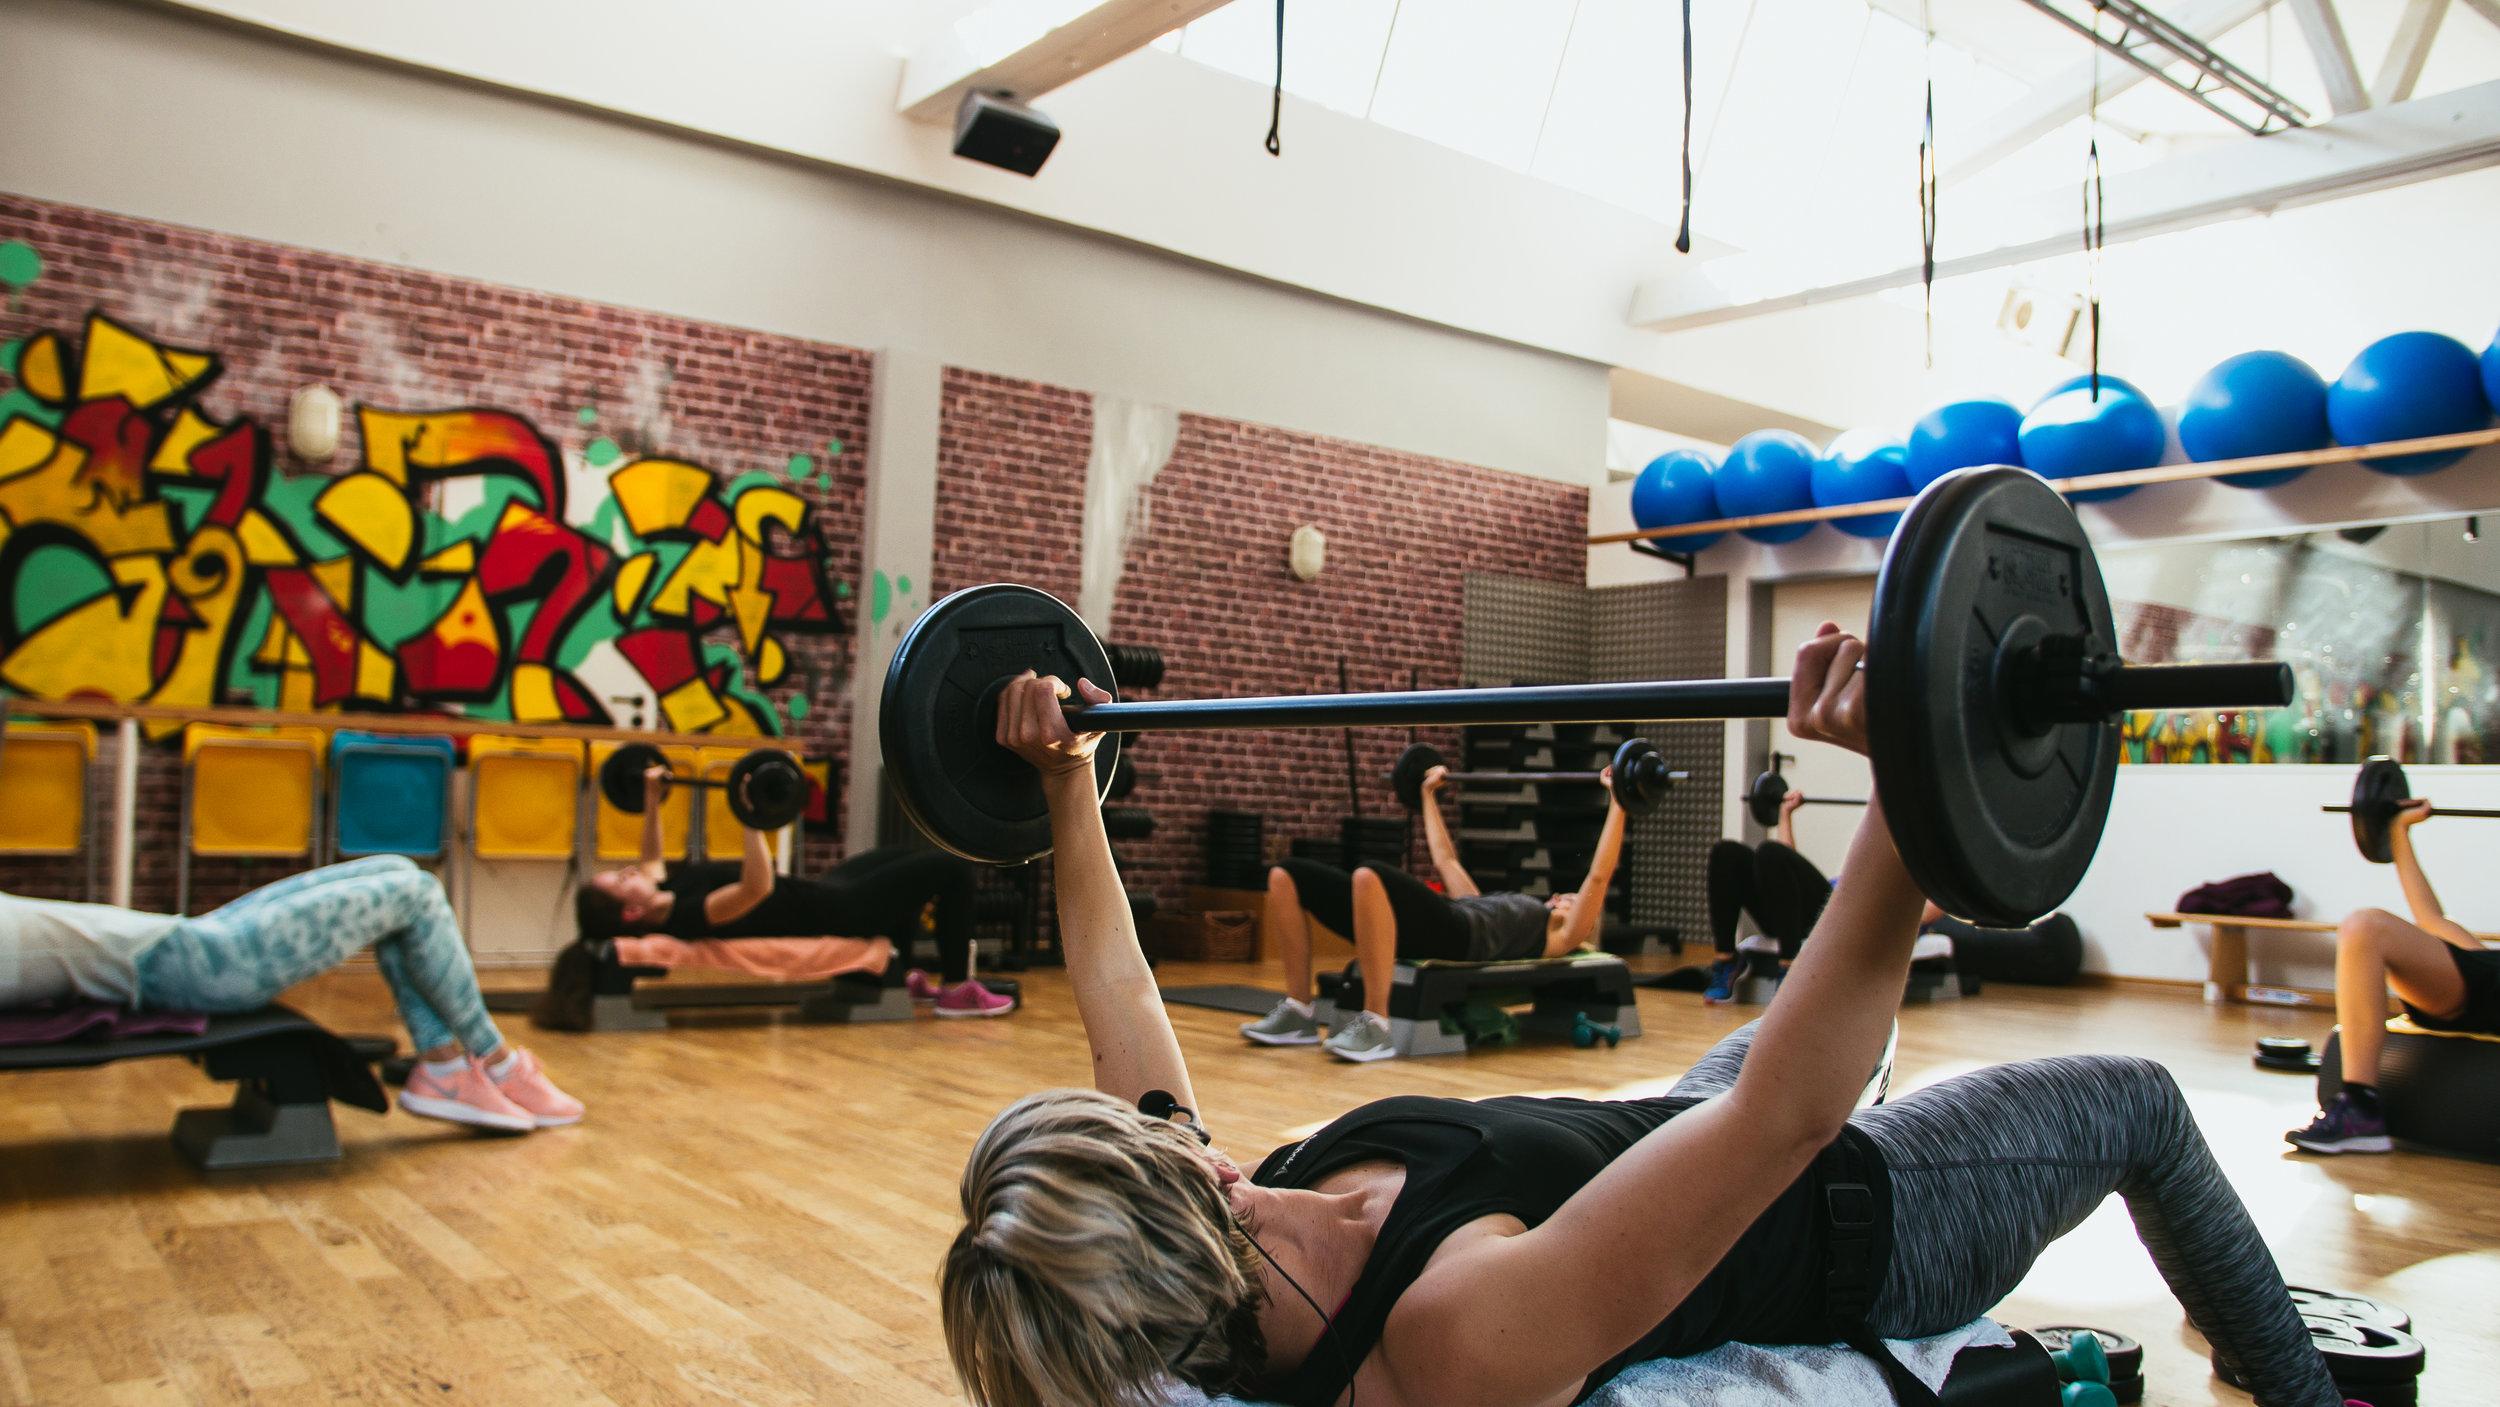 Body Pump - BODYPUMP ist das originale Langhantelprogramm zur Kräftigung, Formung und Straffung deines gesamten Körpers. Bei diesem kraftvollen Langhantel-Workout trainierst du alle Hauptmuskelgruppen mit den effektiven Gewichtsübungen, wie z.B. Squats, Presses, Lifts und Curls.Instructor: Simone, Annabelle